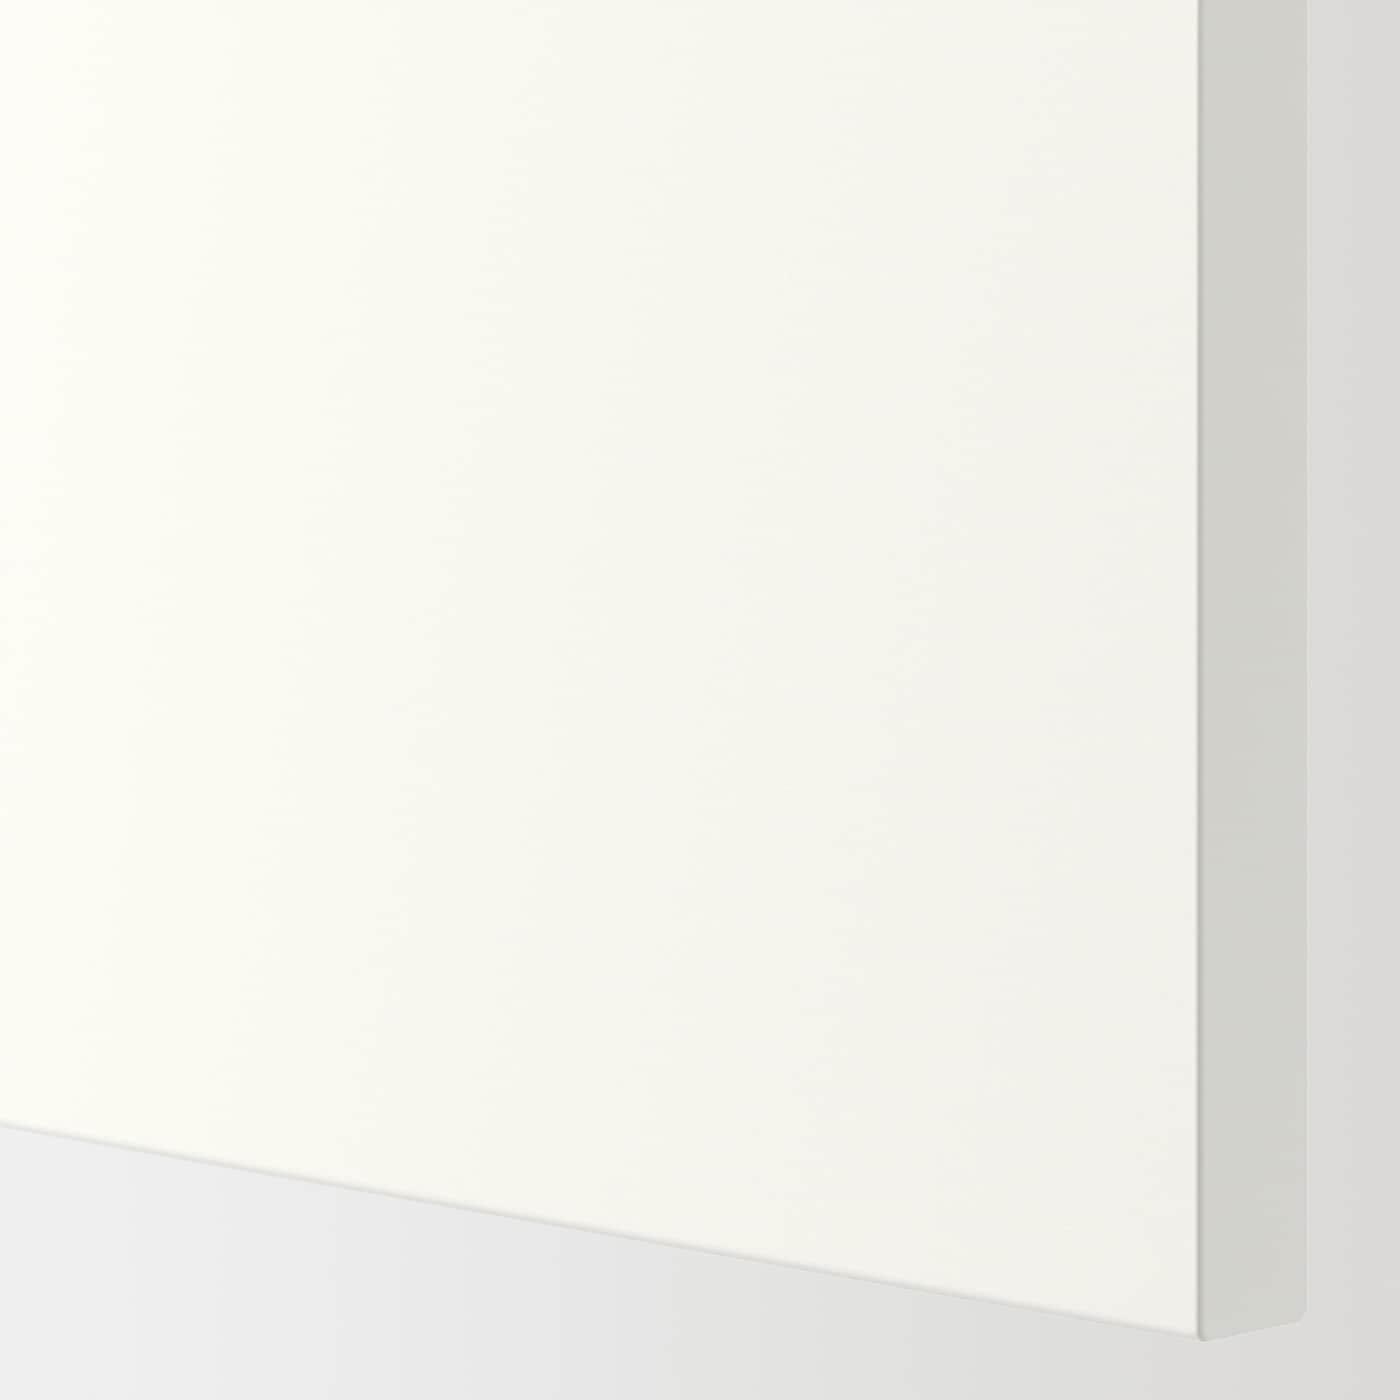 ENHET Bc w shlf/doors, white, 80x62x75 cm